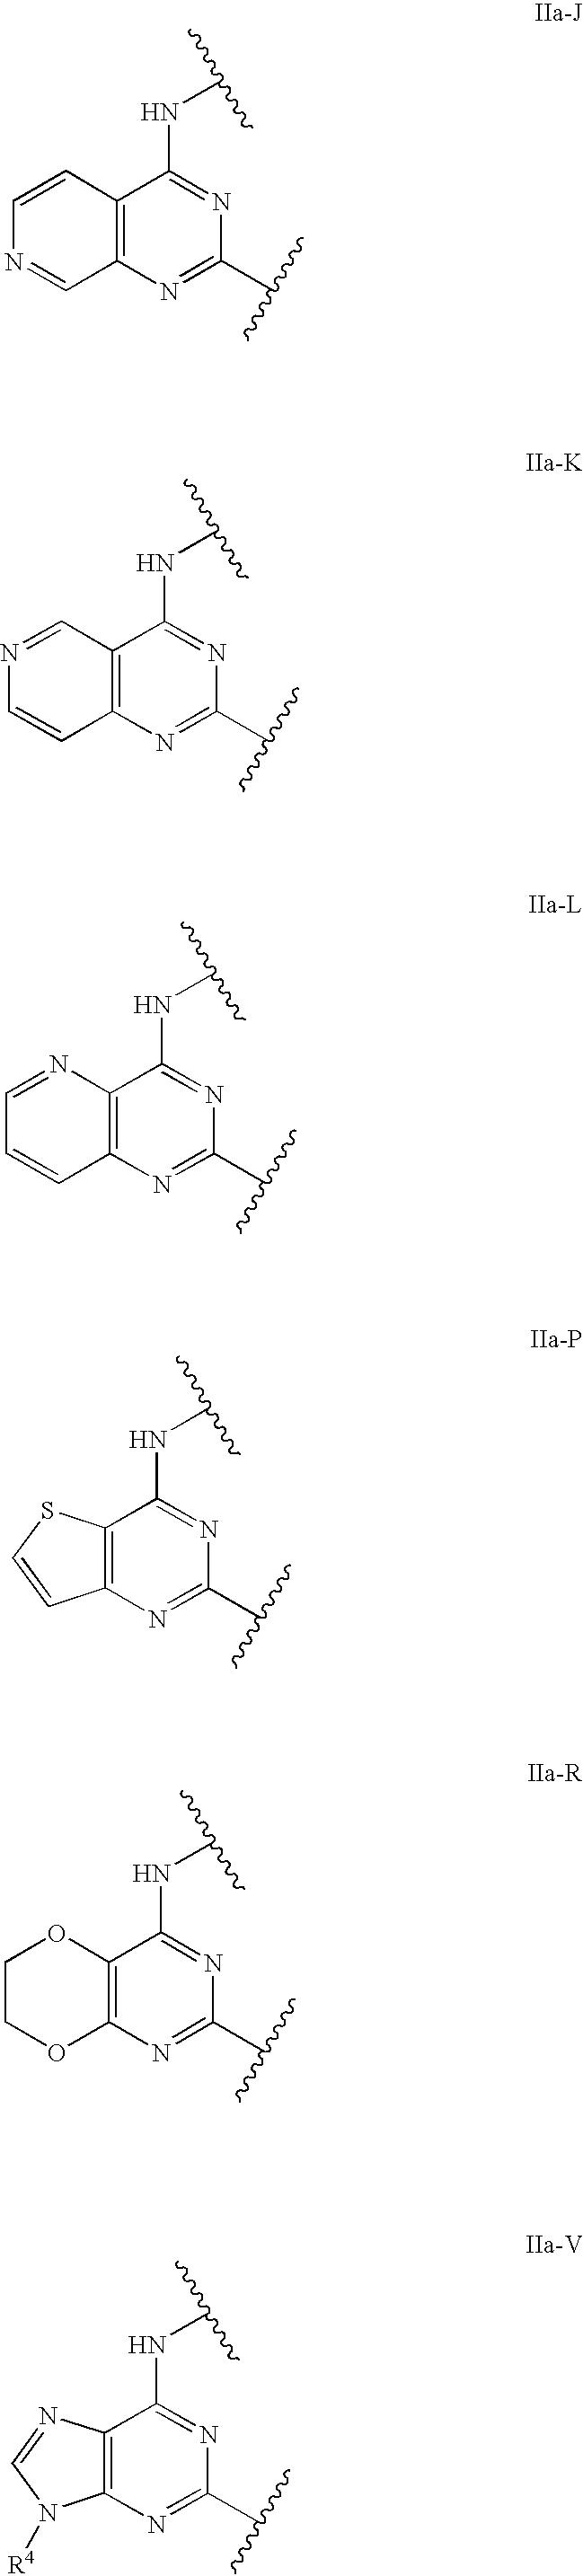 Figure US07531536-20090512-C00012